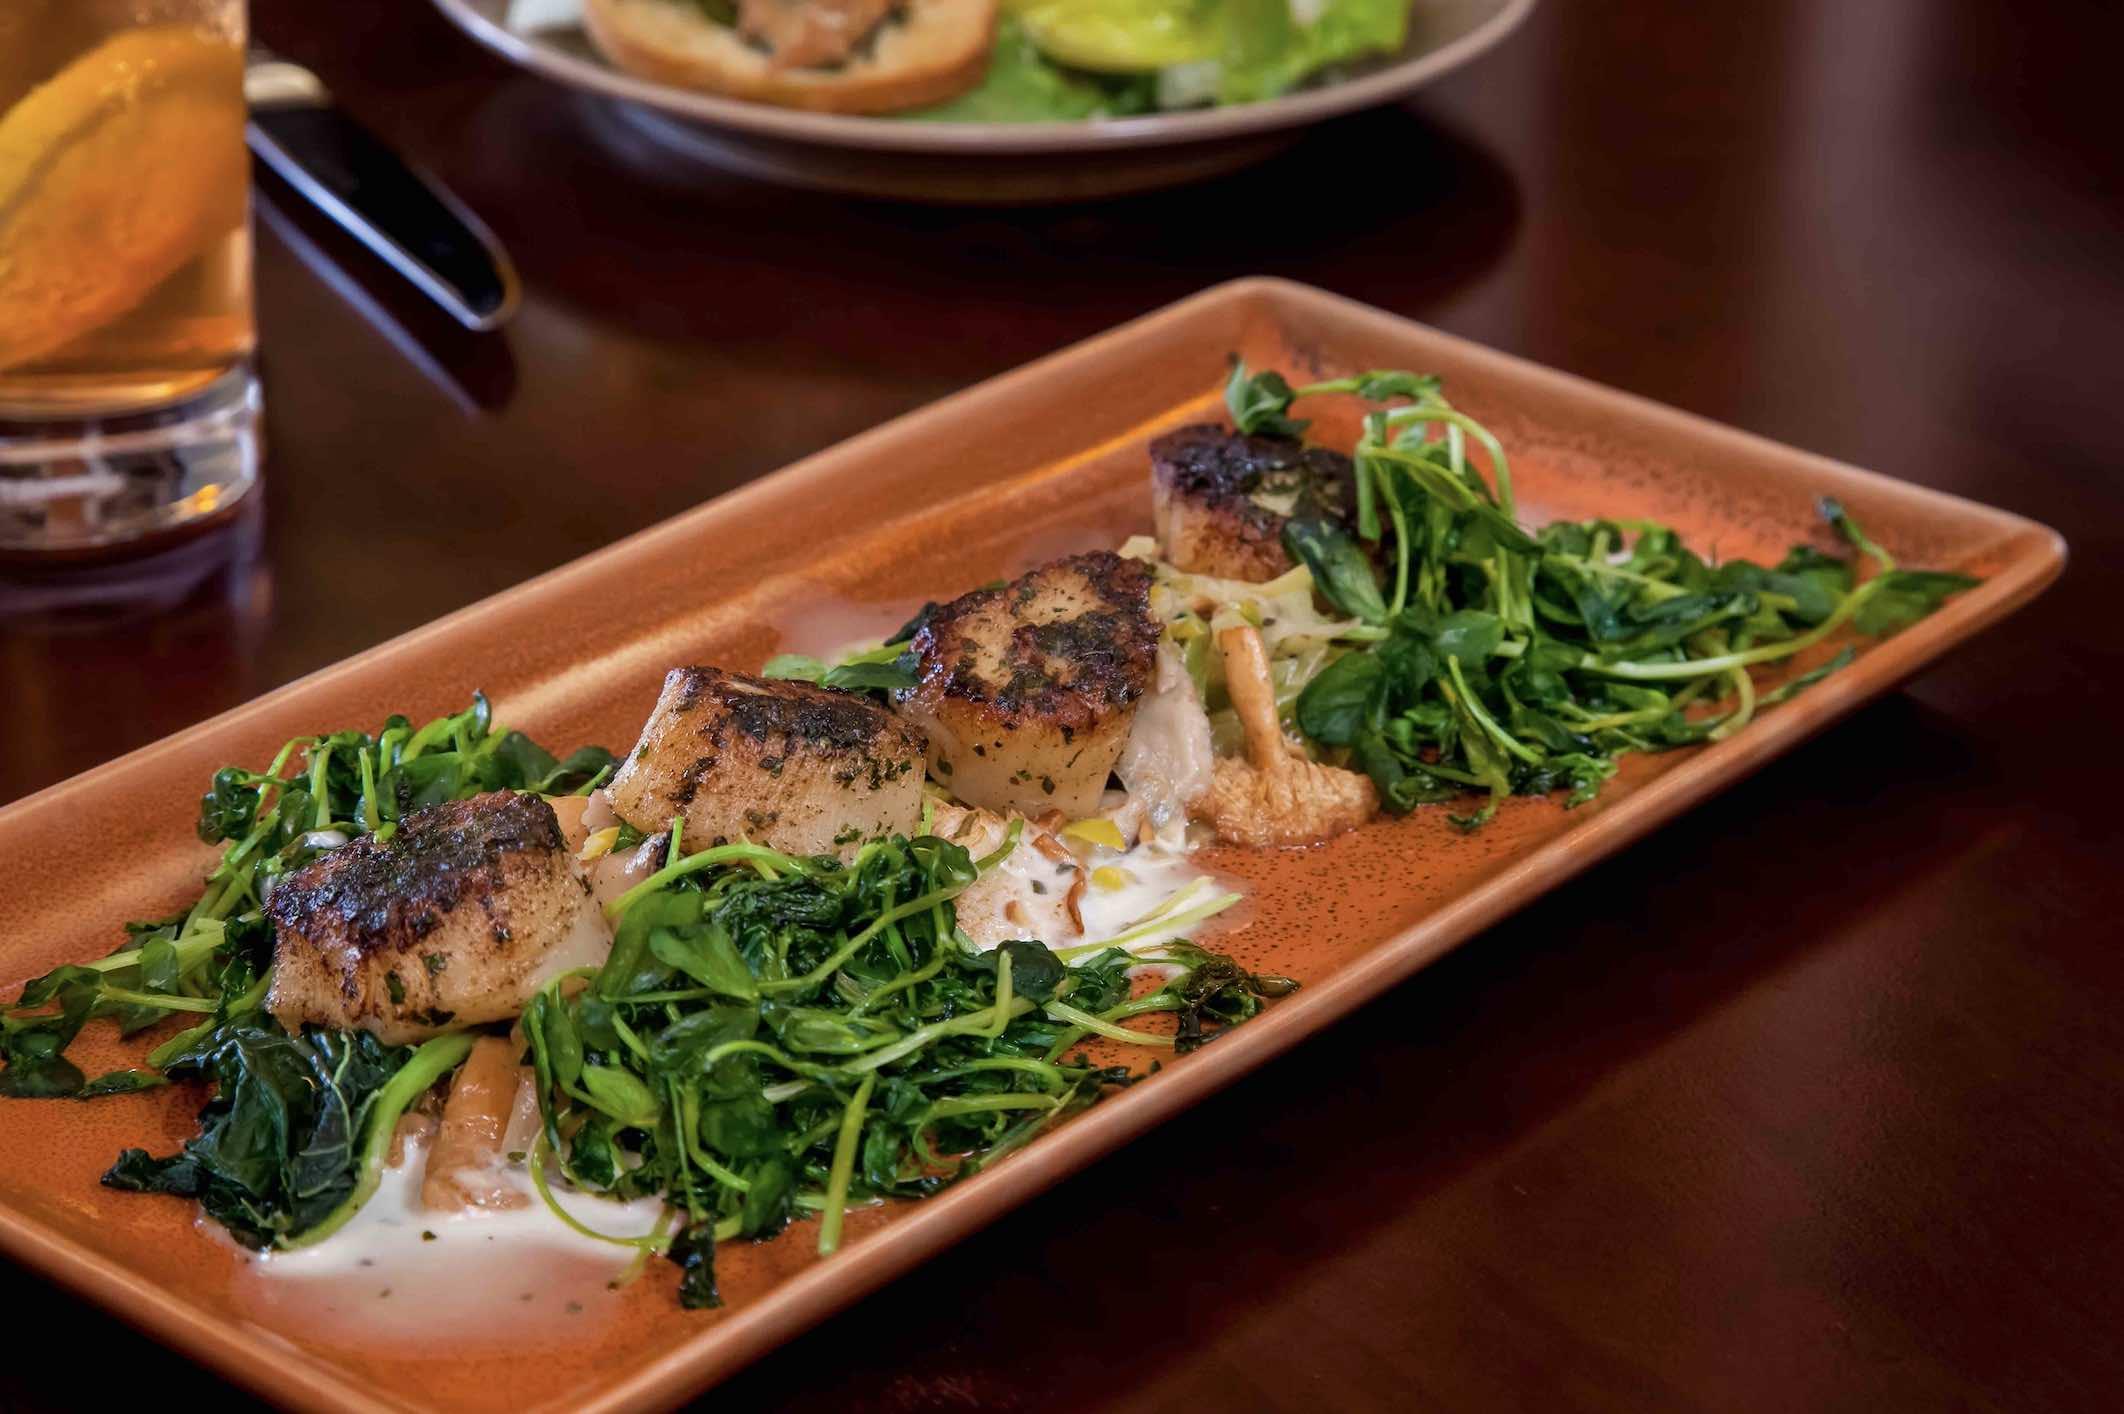 Noyo Harbor Inn Food Full-4 fish dish with garnish